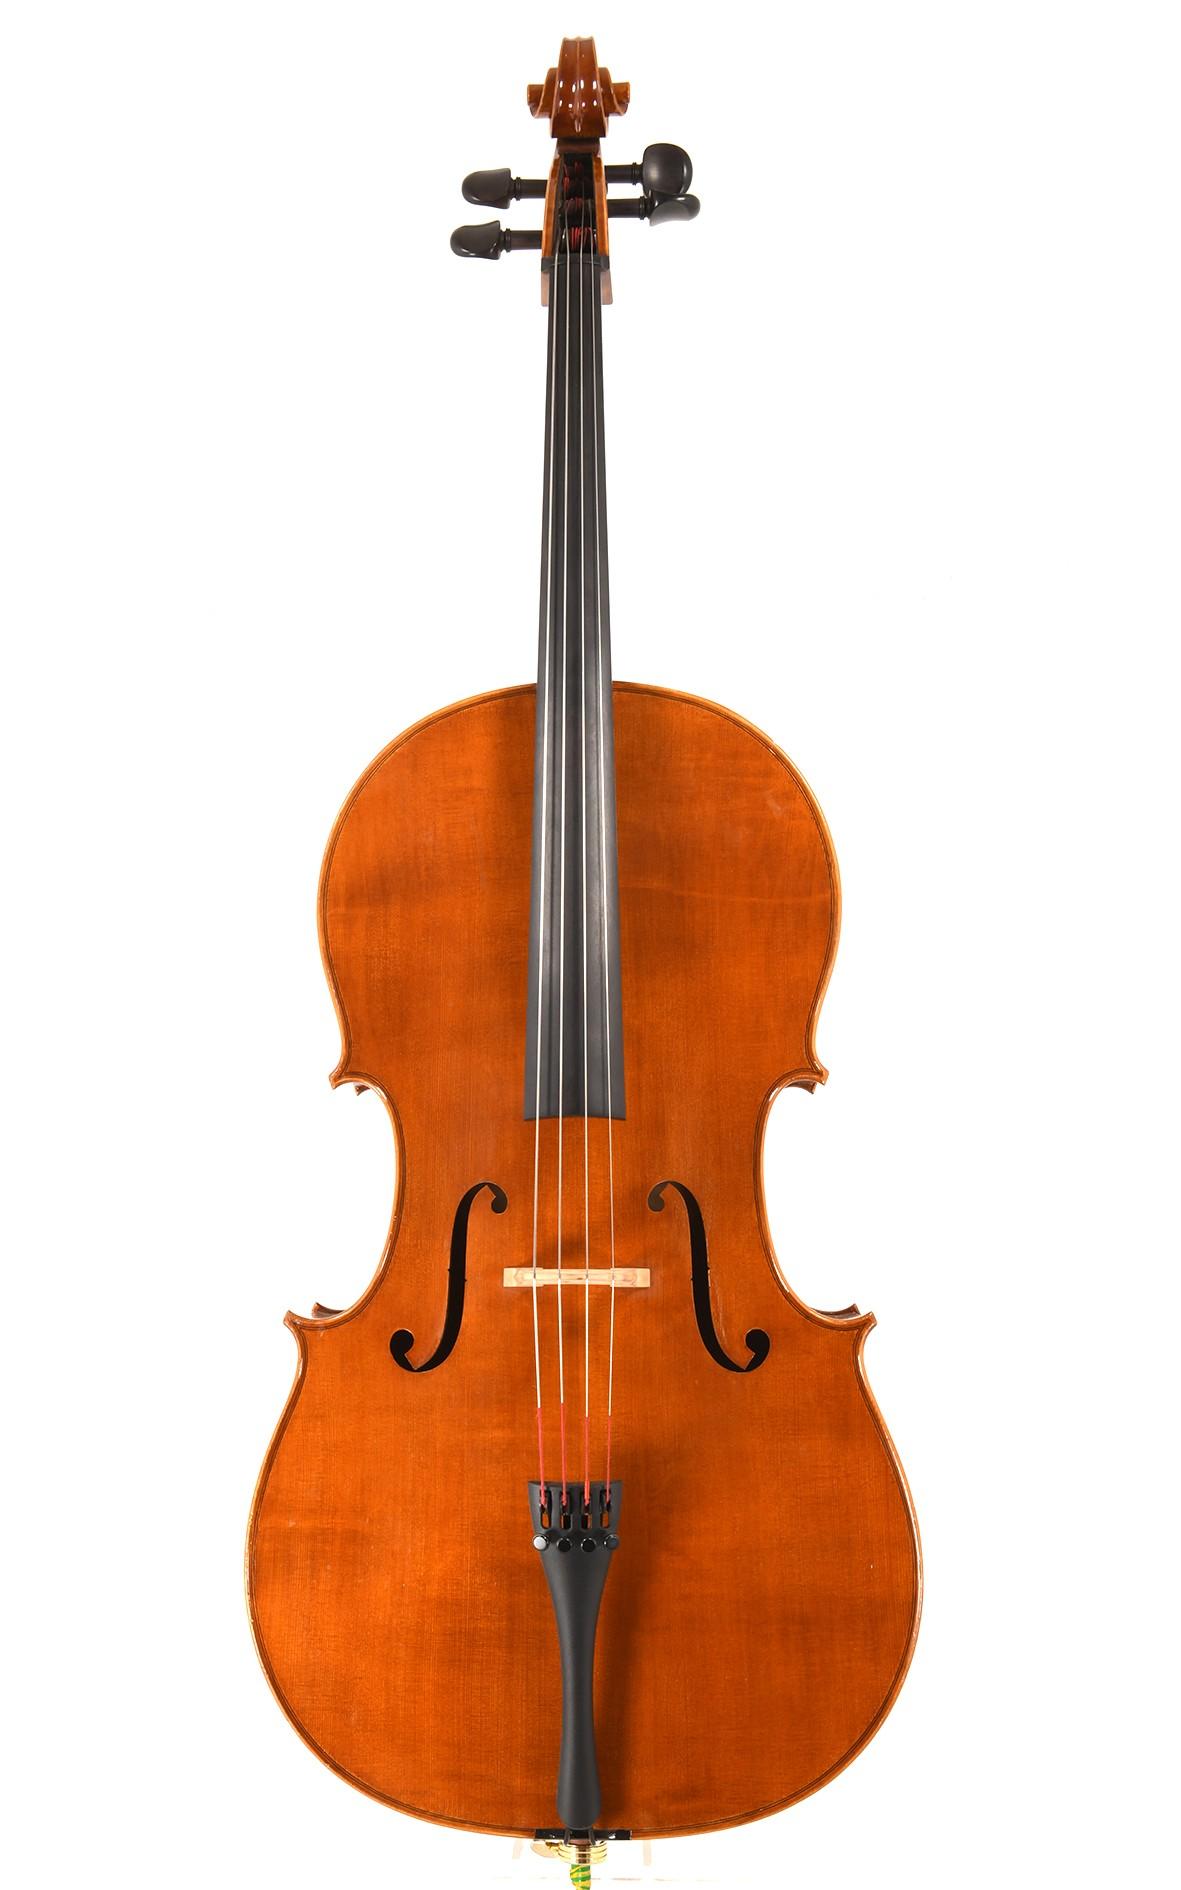 Französisches 3/4 Cello, Meistercello